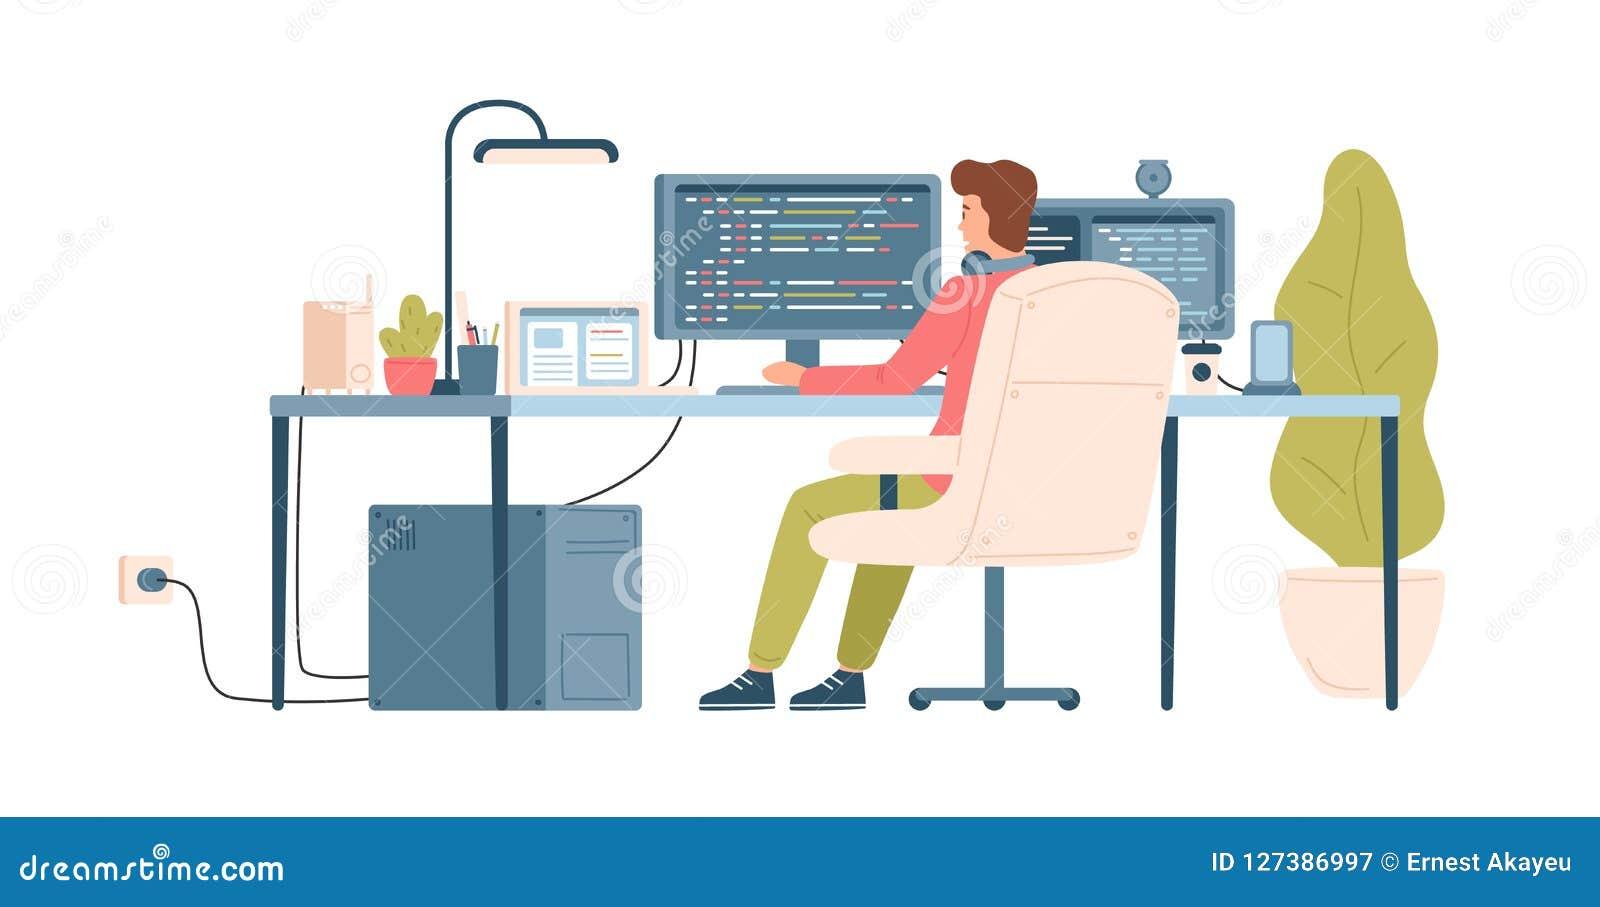 Programmierer, Kodierer, Web-Entwickler oder Software Engineer, die am Schreibtisch sitzt und an Computer oder der Programmierung